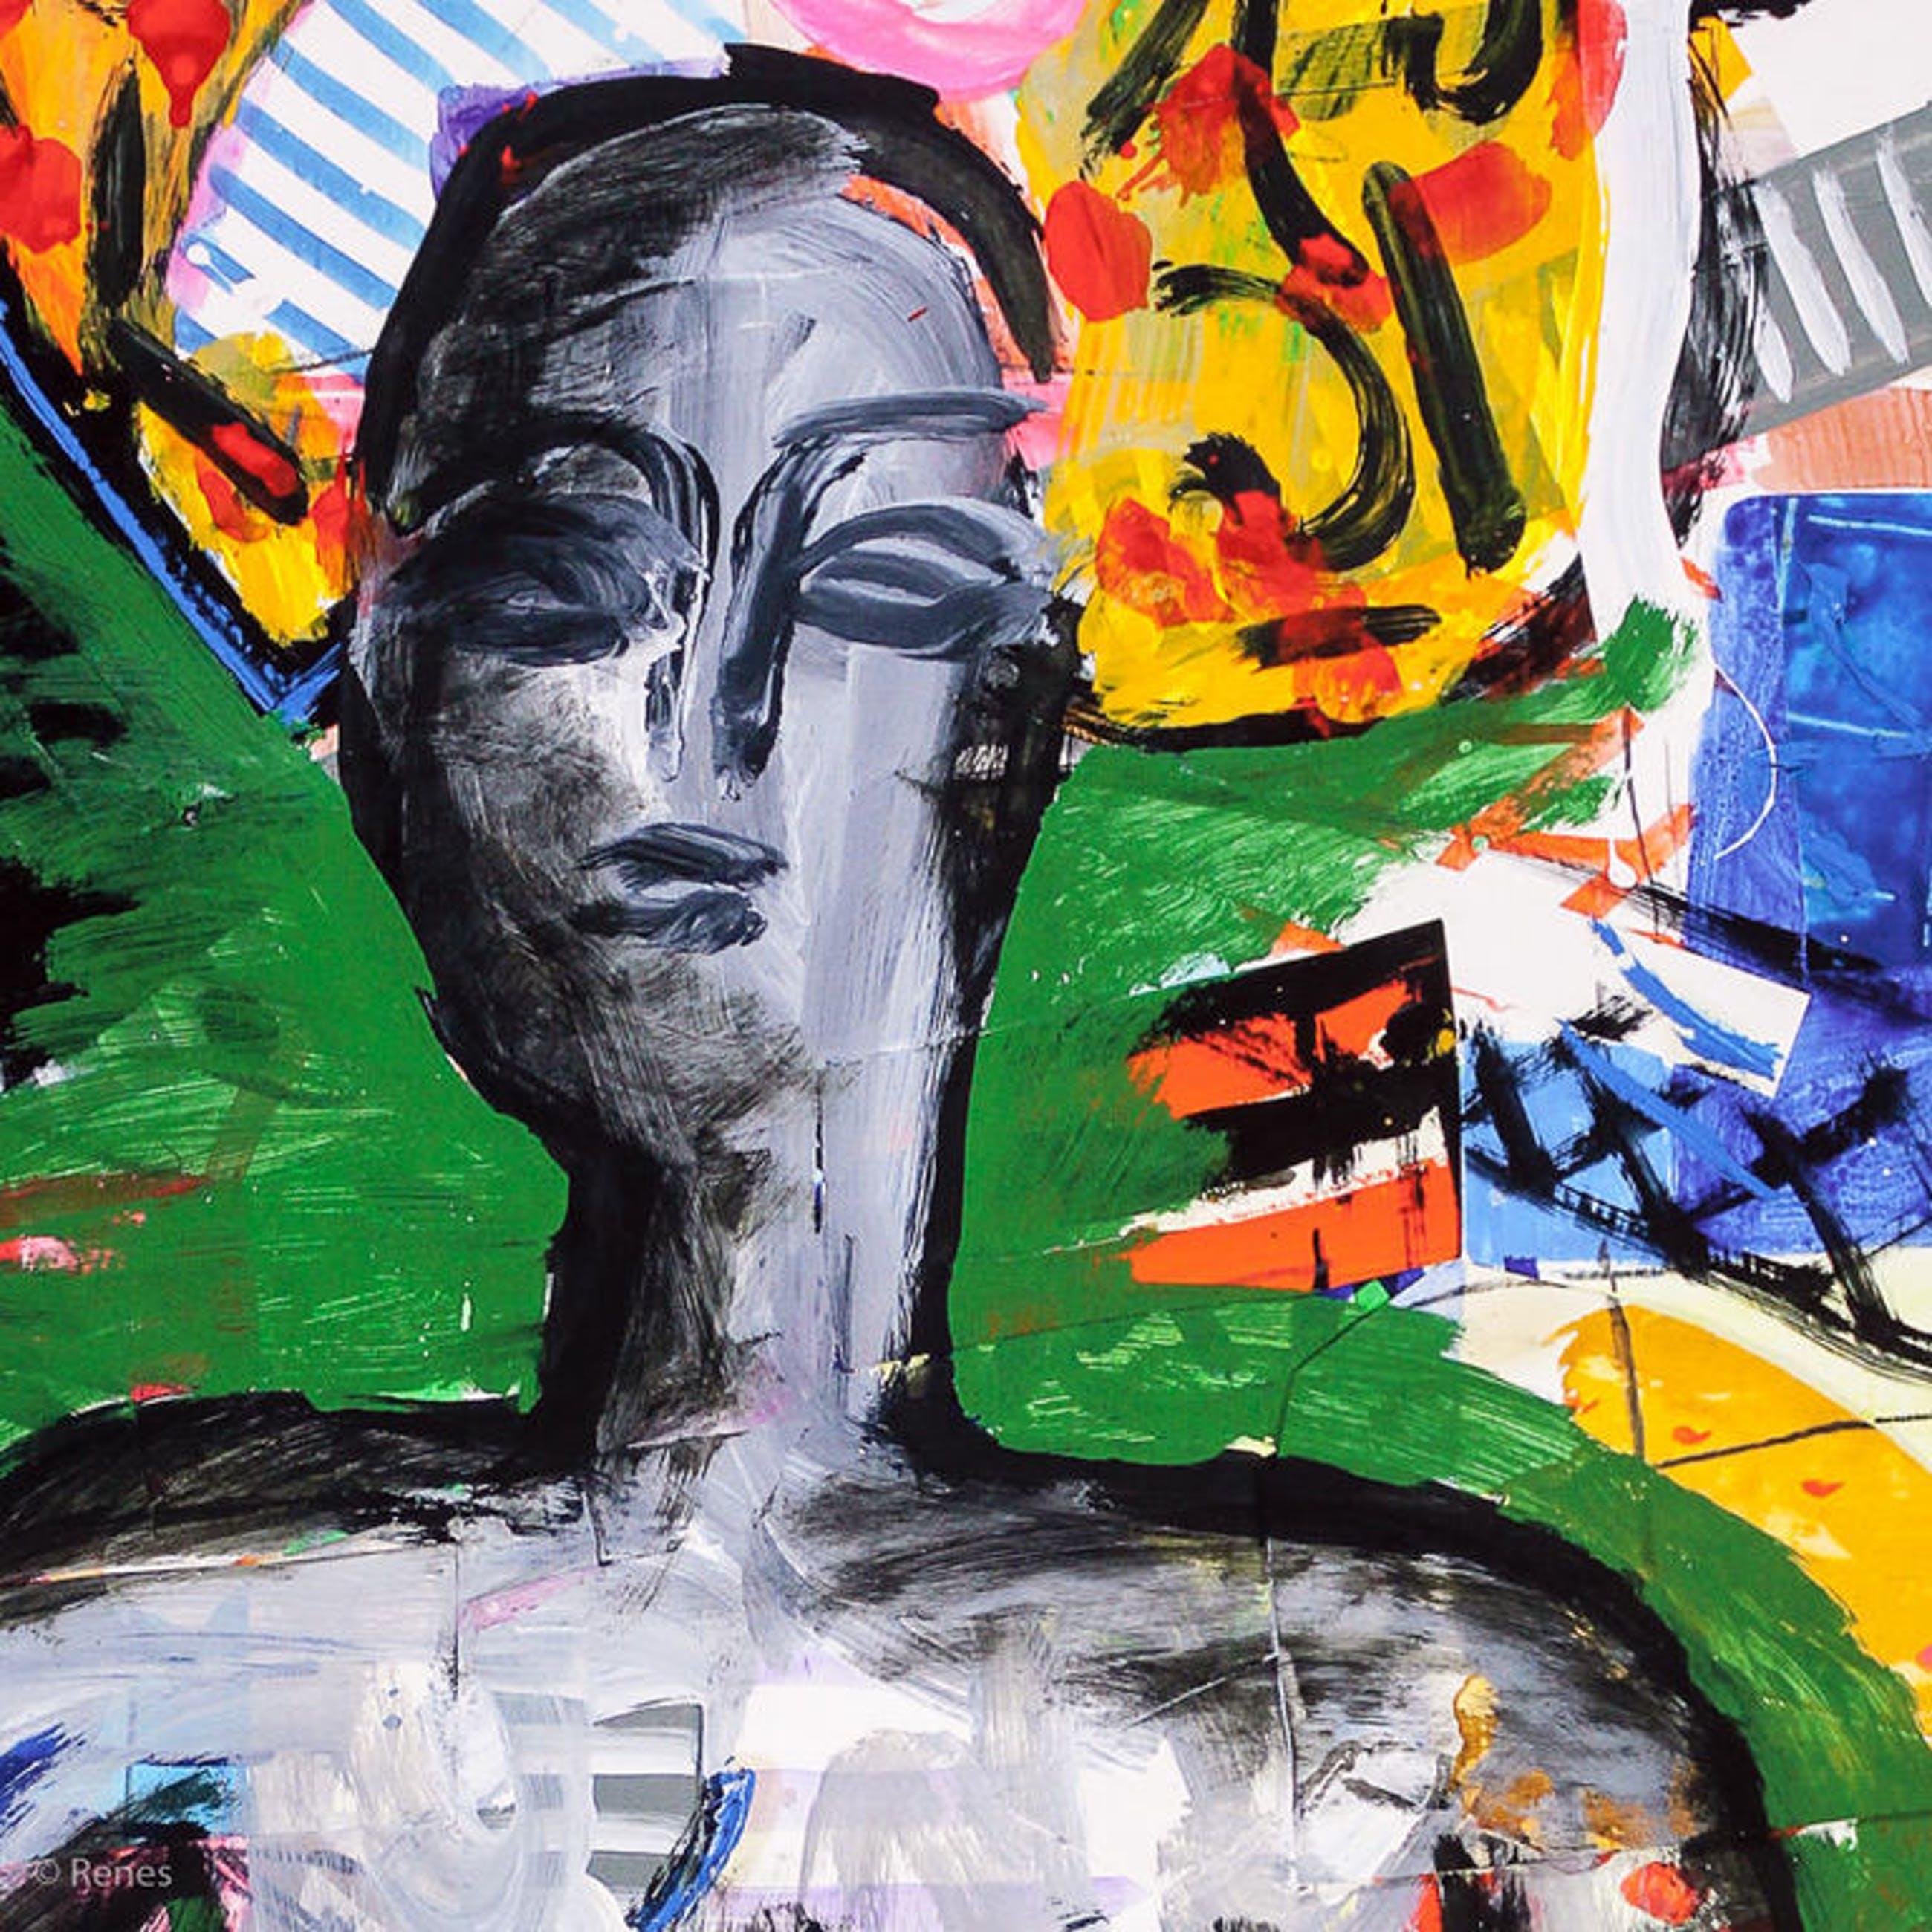 Stefan Szczesny 'Nude' - giclée, oplage 50, gesigneerd, 2013 kopen? Bied vanaf 149!